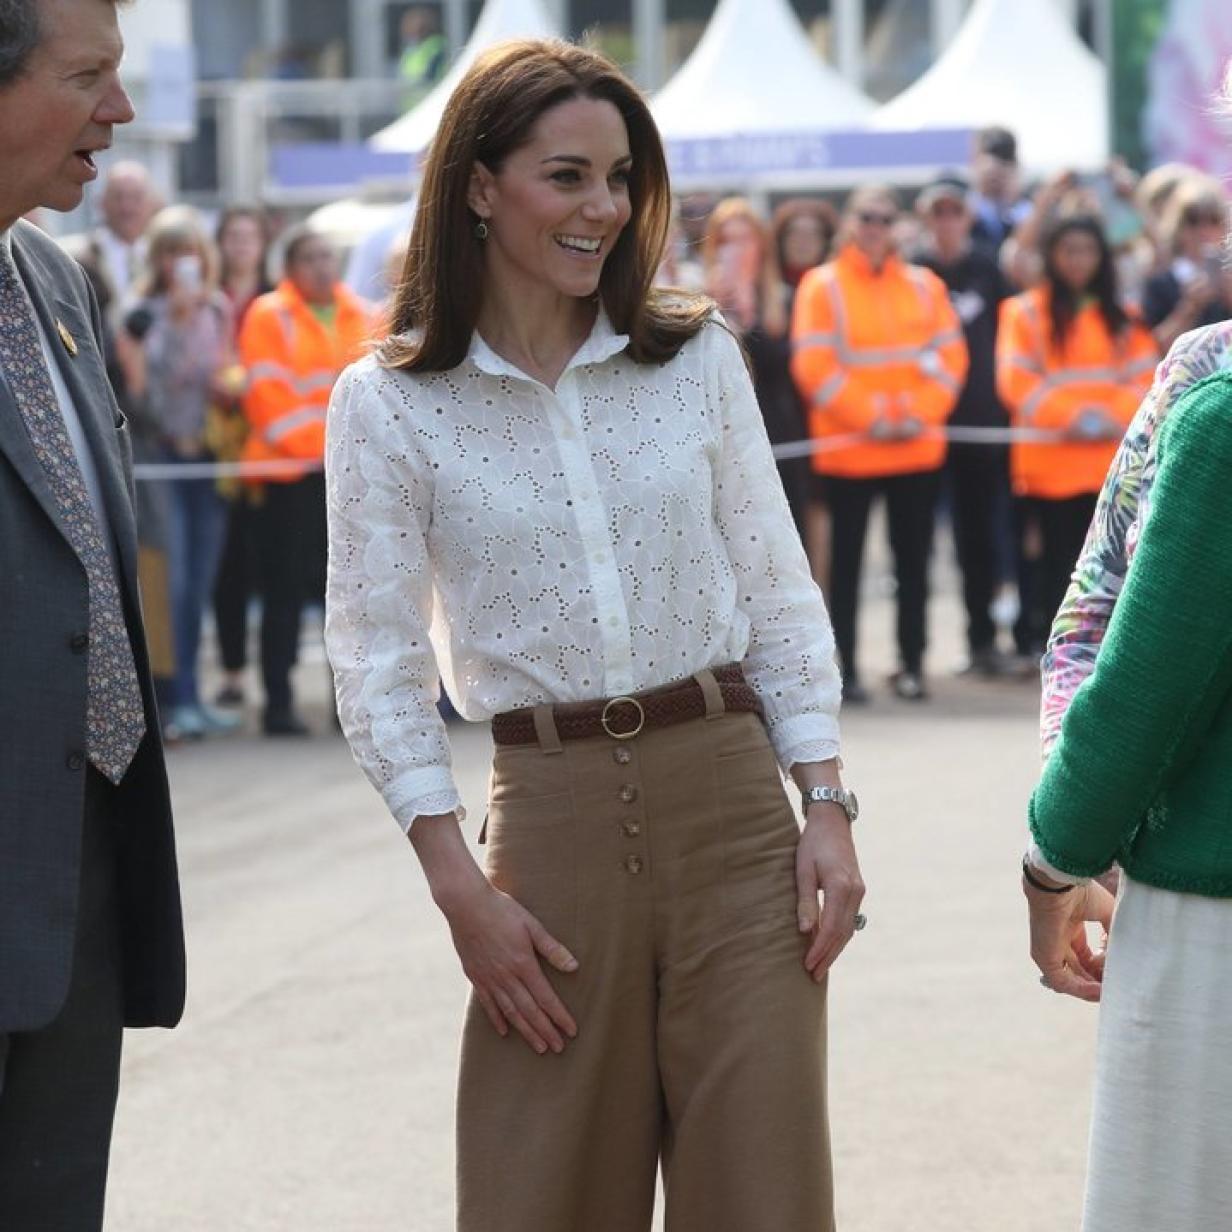 Herzogin Kate zeigt sich in einem für sie ungewöhnlichen Outfit